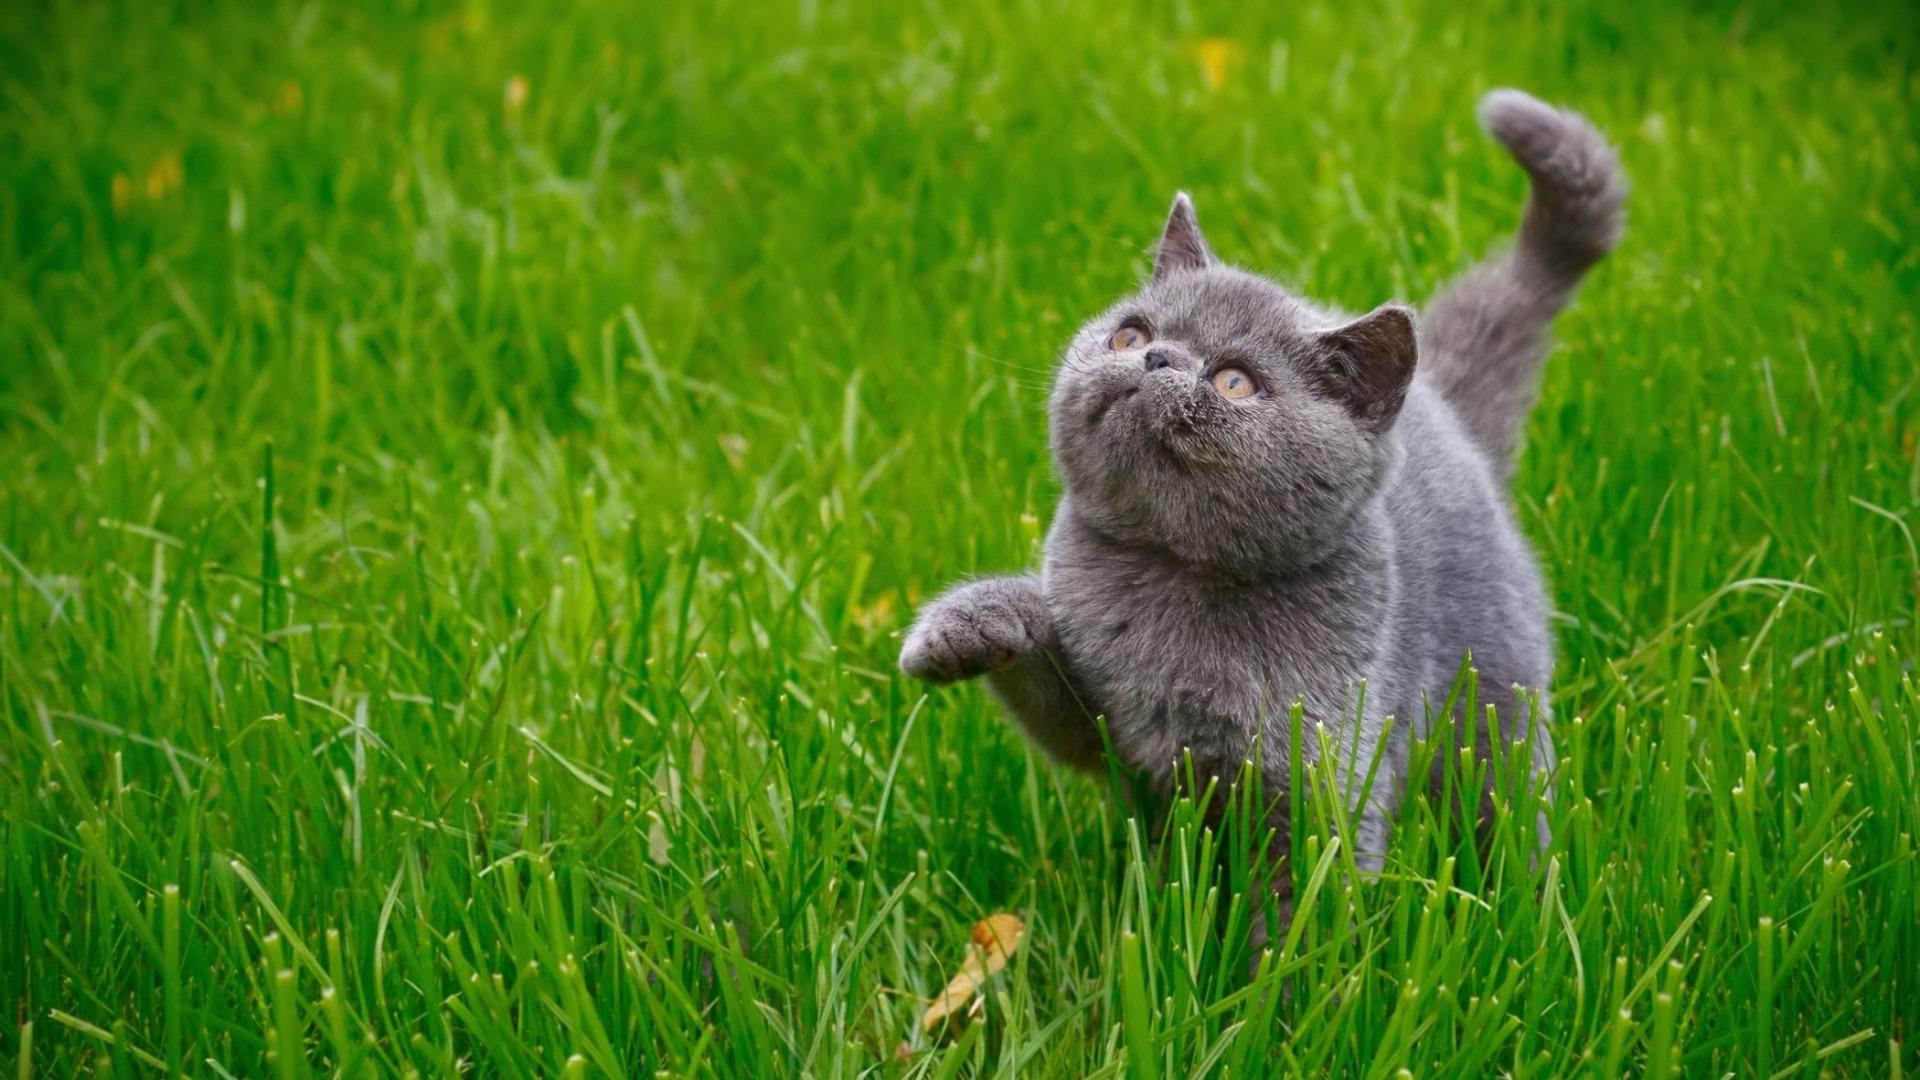 Коти фото на трави